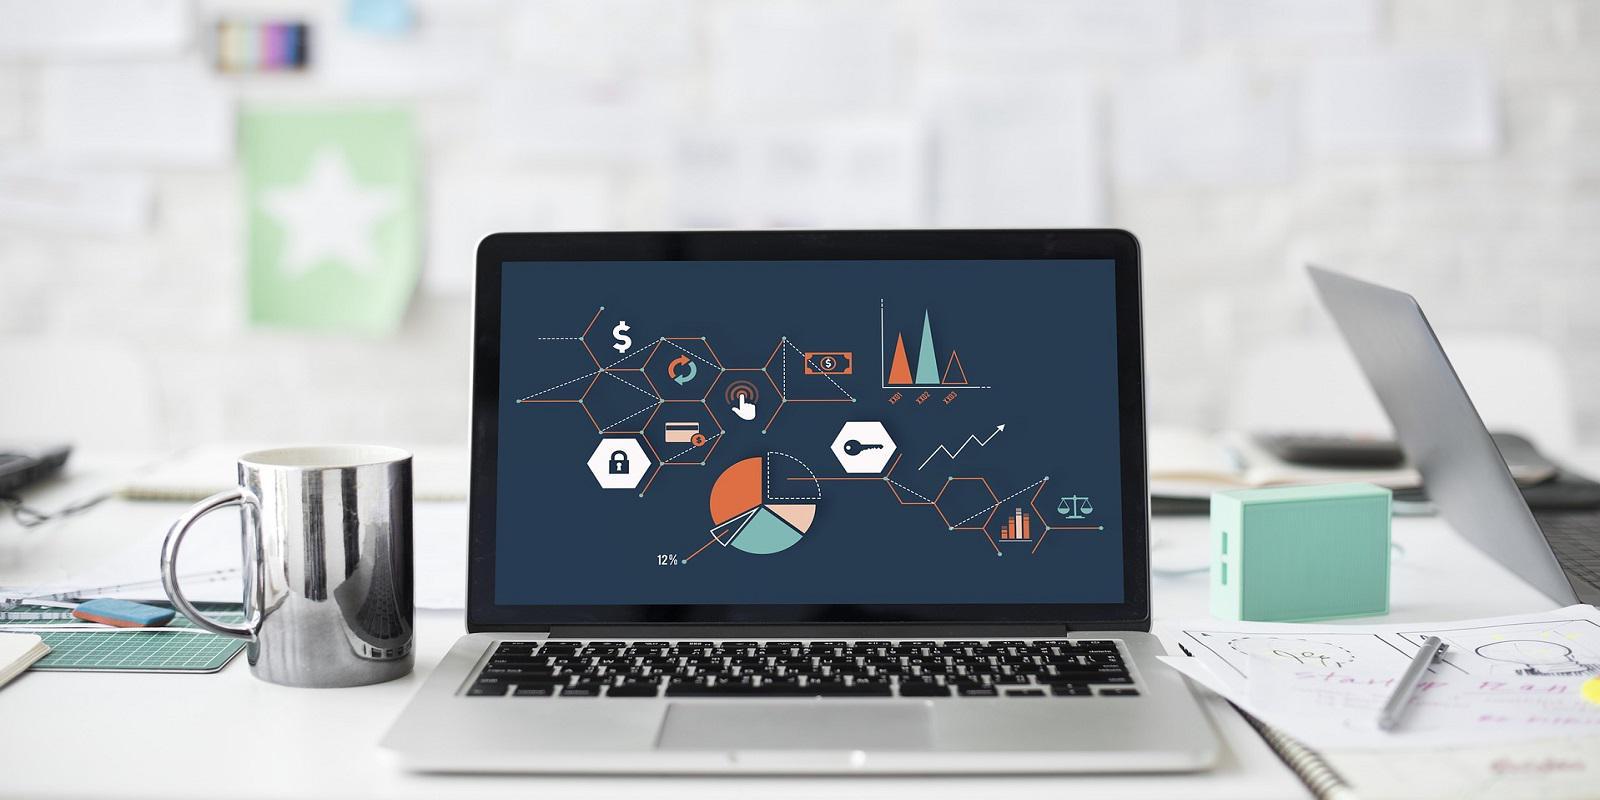 Site e Aplicação Web, sabe qual é a diferença?